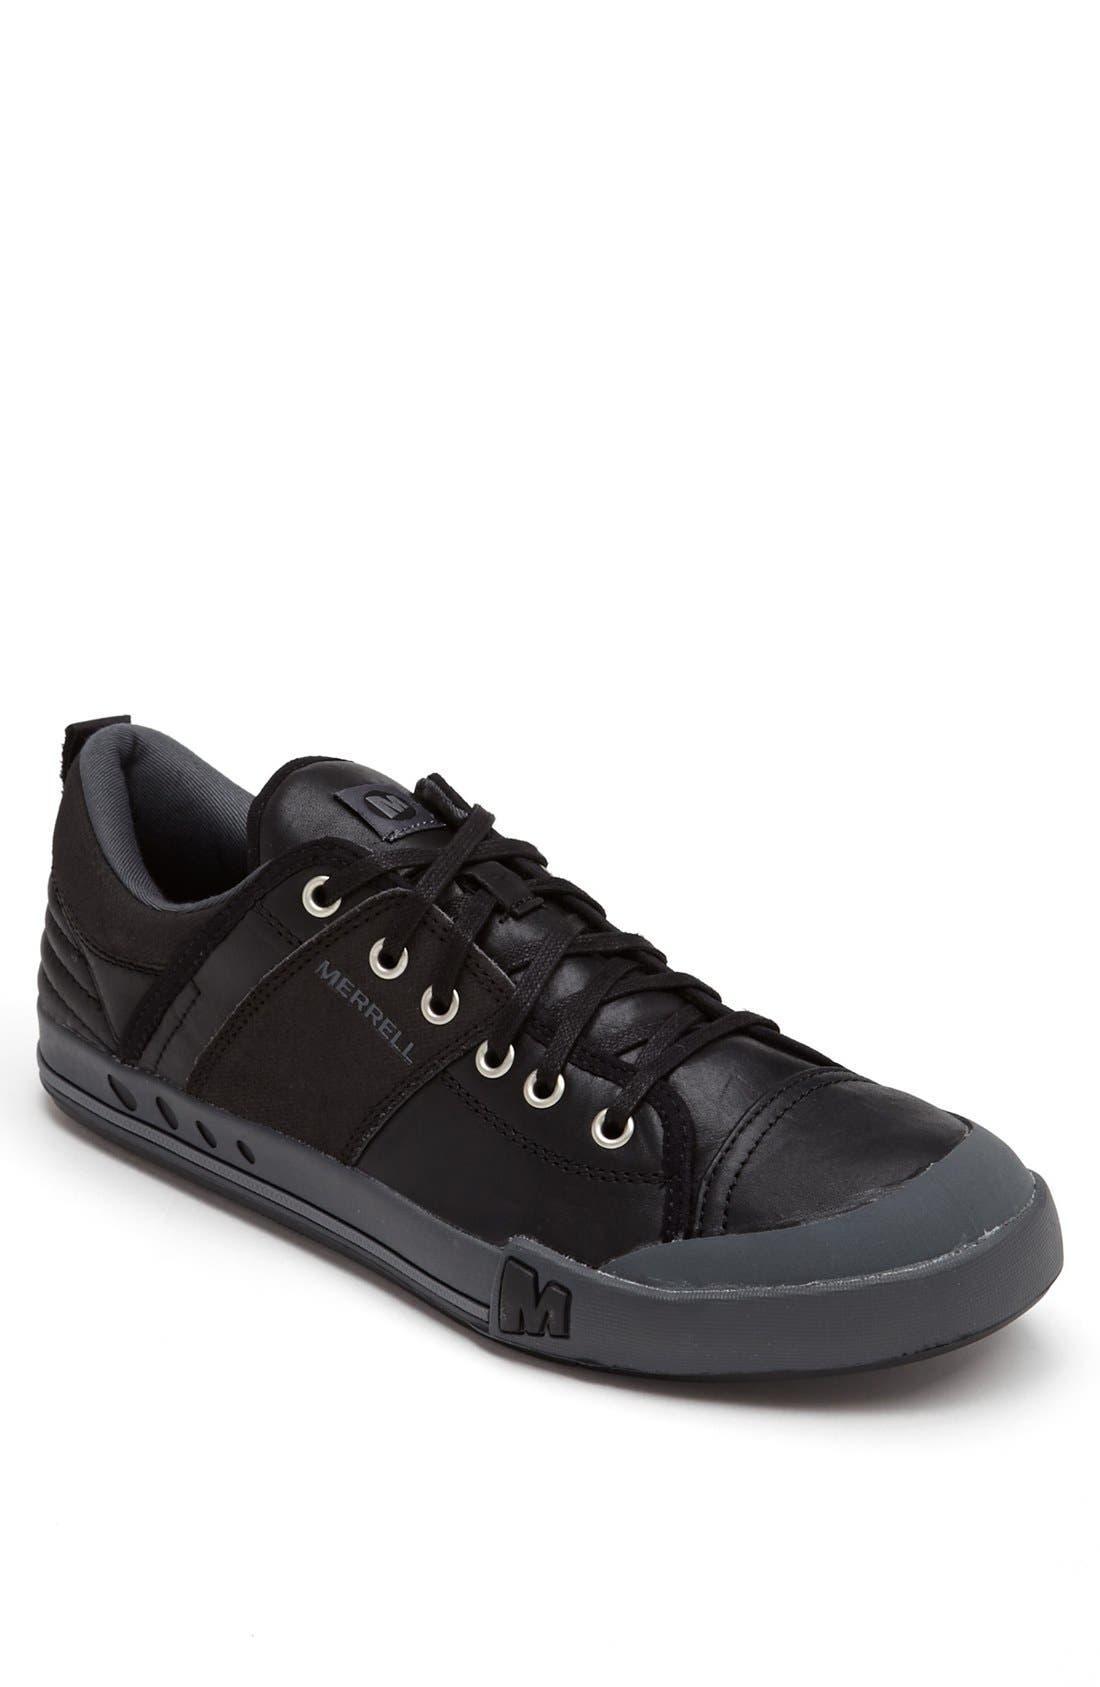 Main Image - Merrell 'Rant Evo' Sneaker